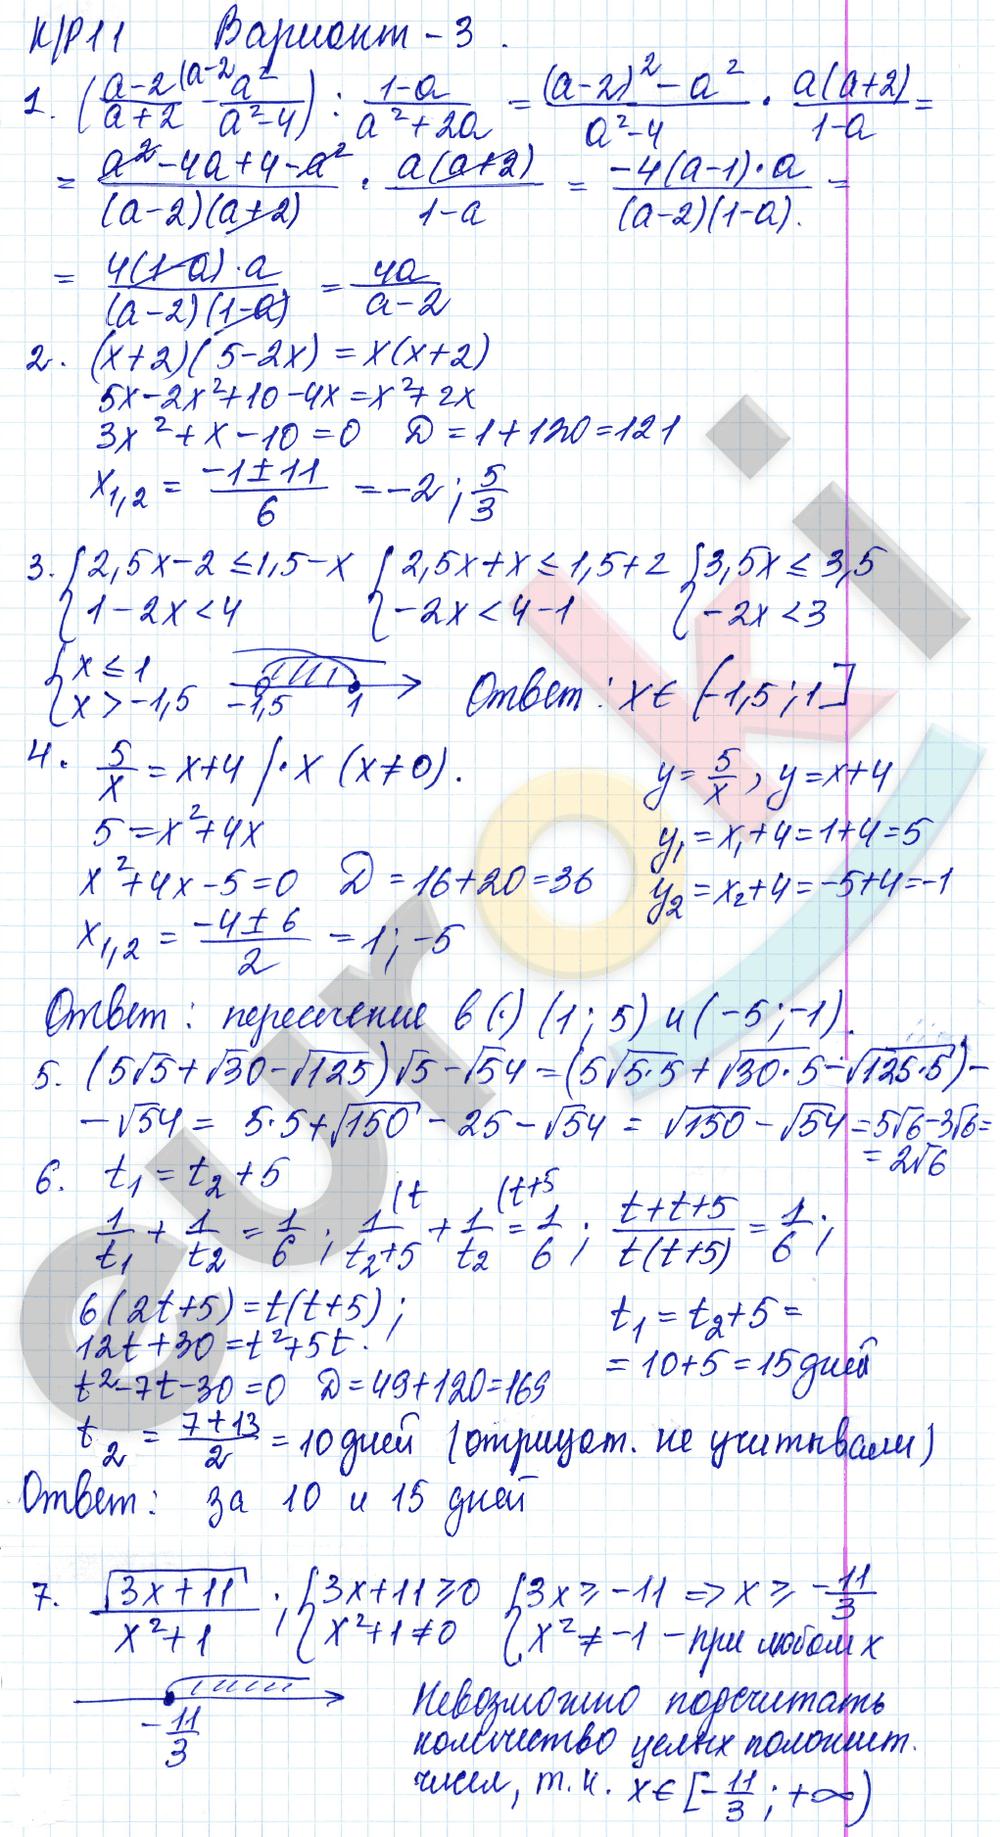 ГДЗ по алгебре 8 класс контрольные работы Дудницын, Кронгауз КР-11. Итоговая контрольная работа. Задание: Вариант 3